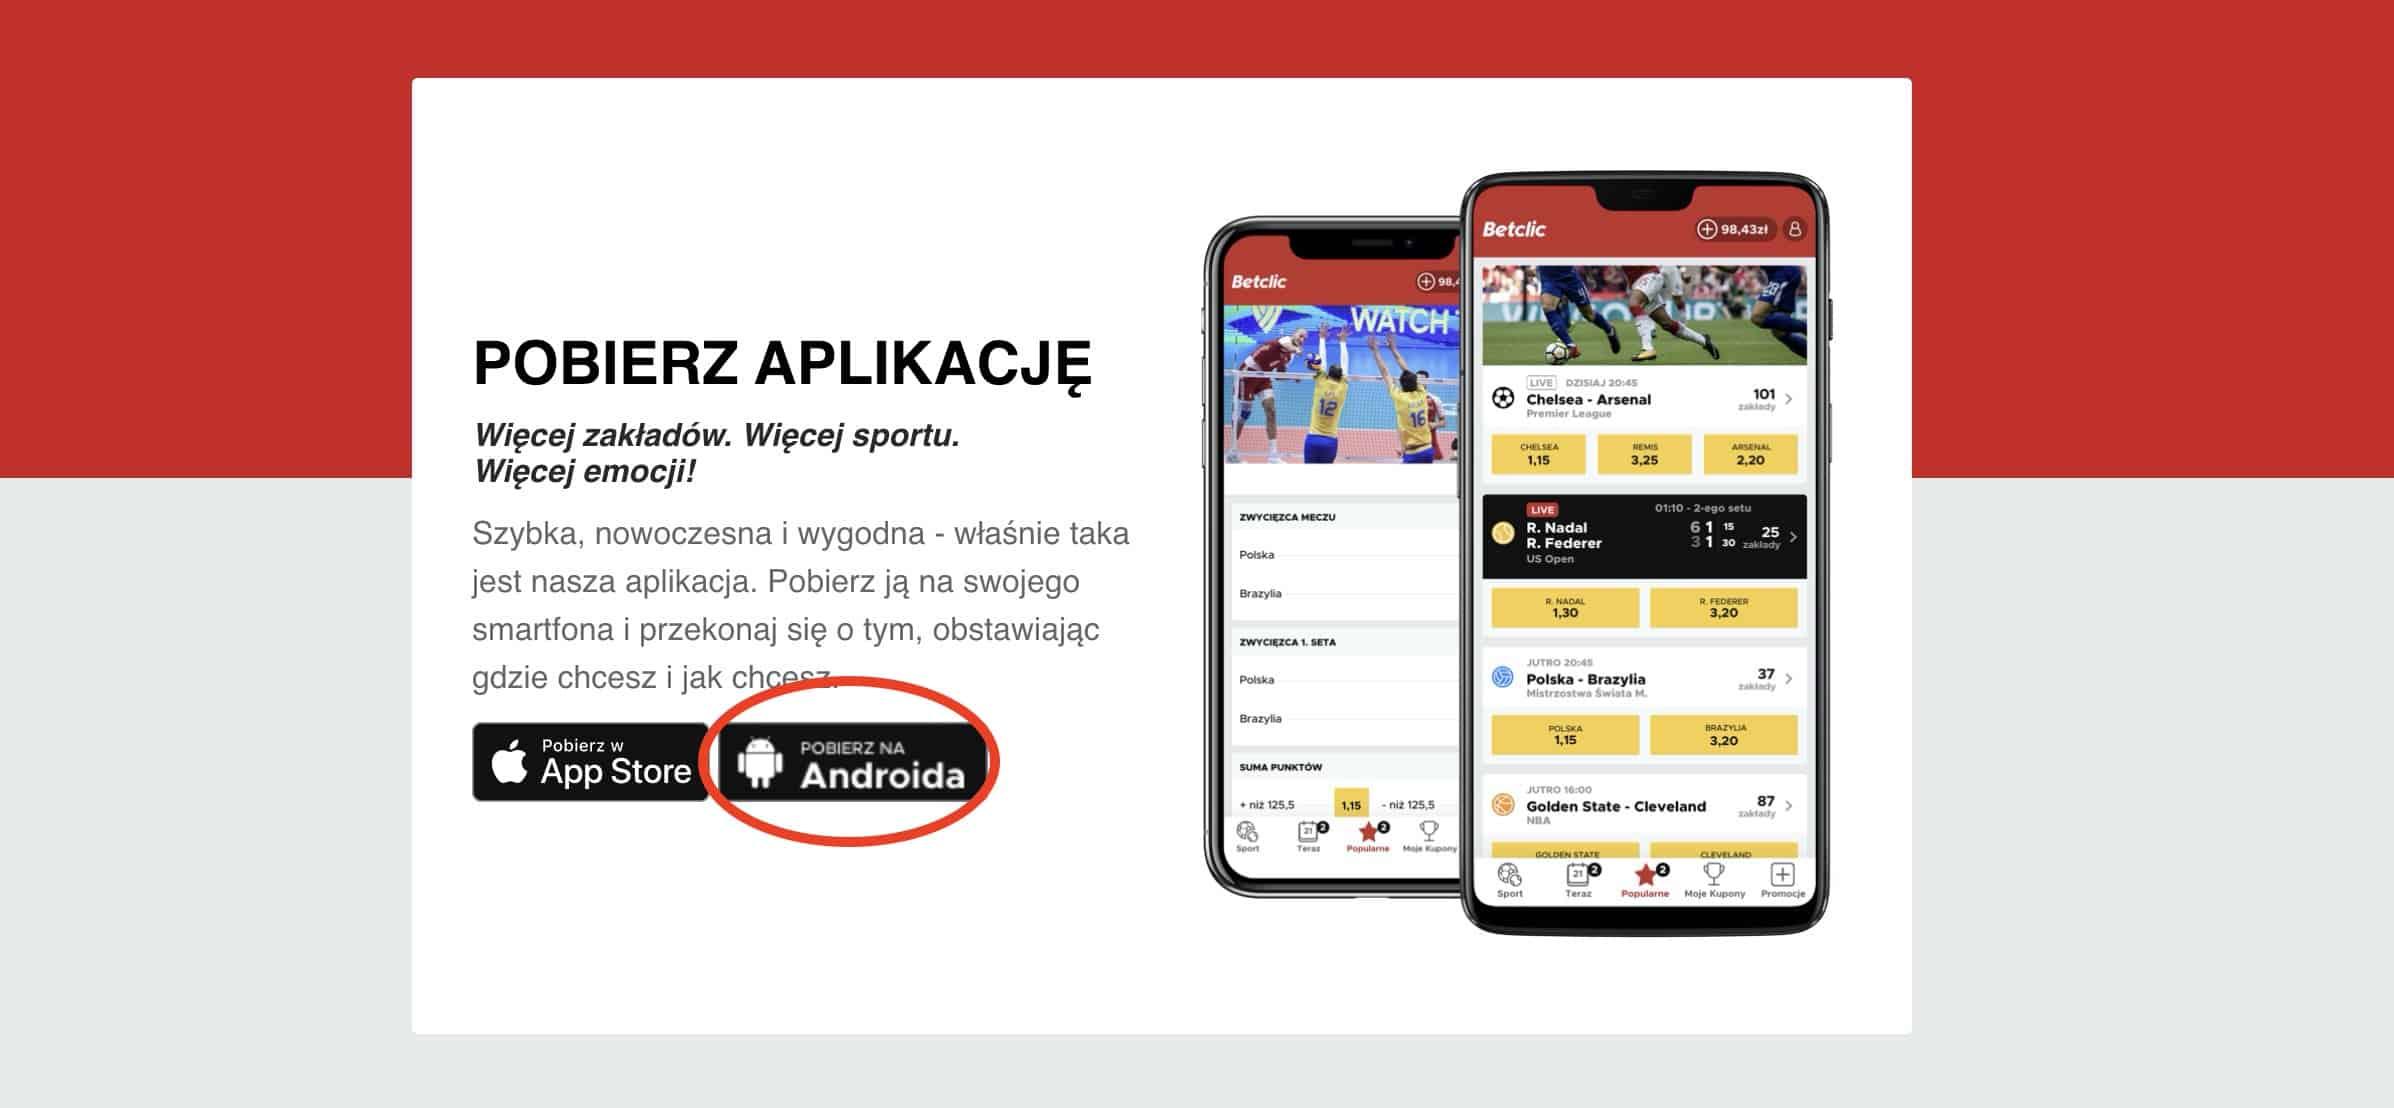 Betclic aplikacja APK. Pobieranie - krok 1